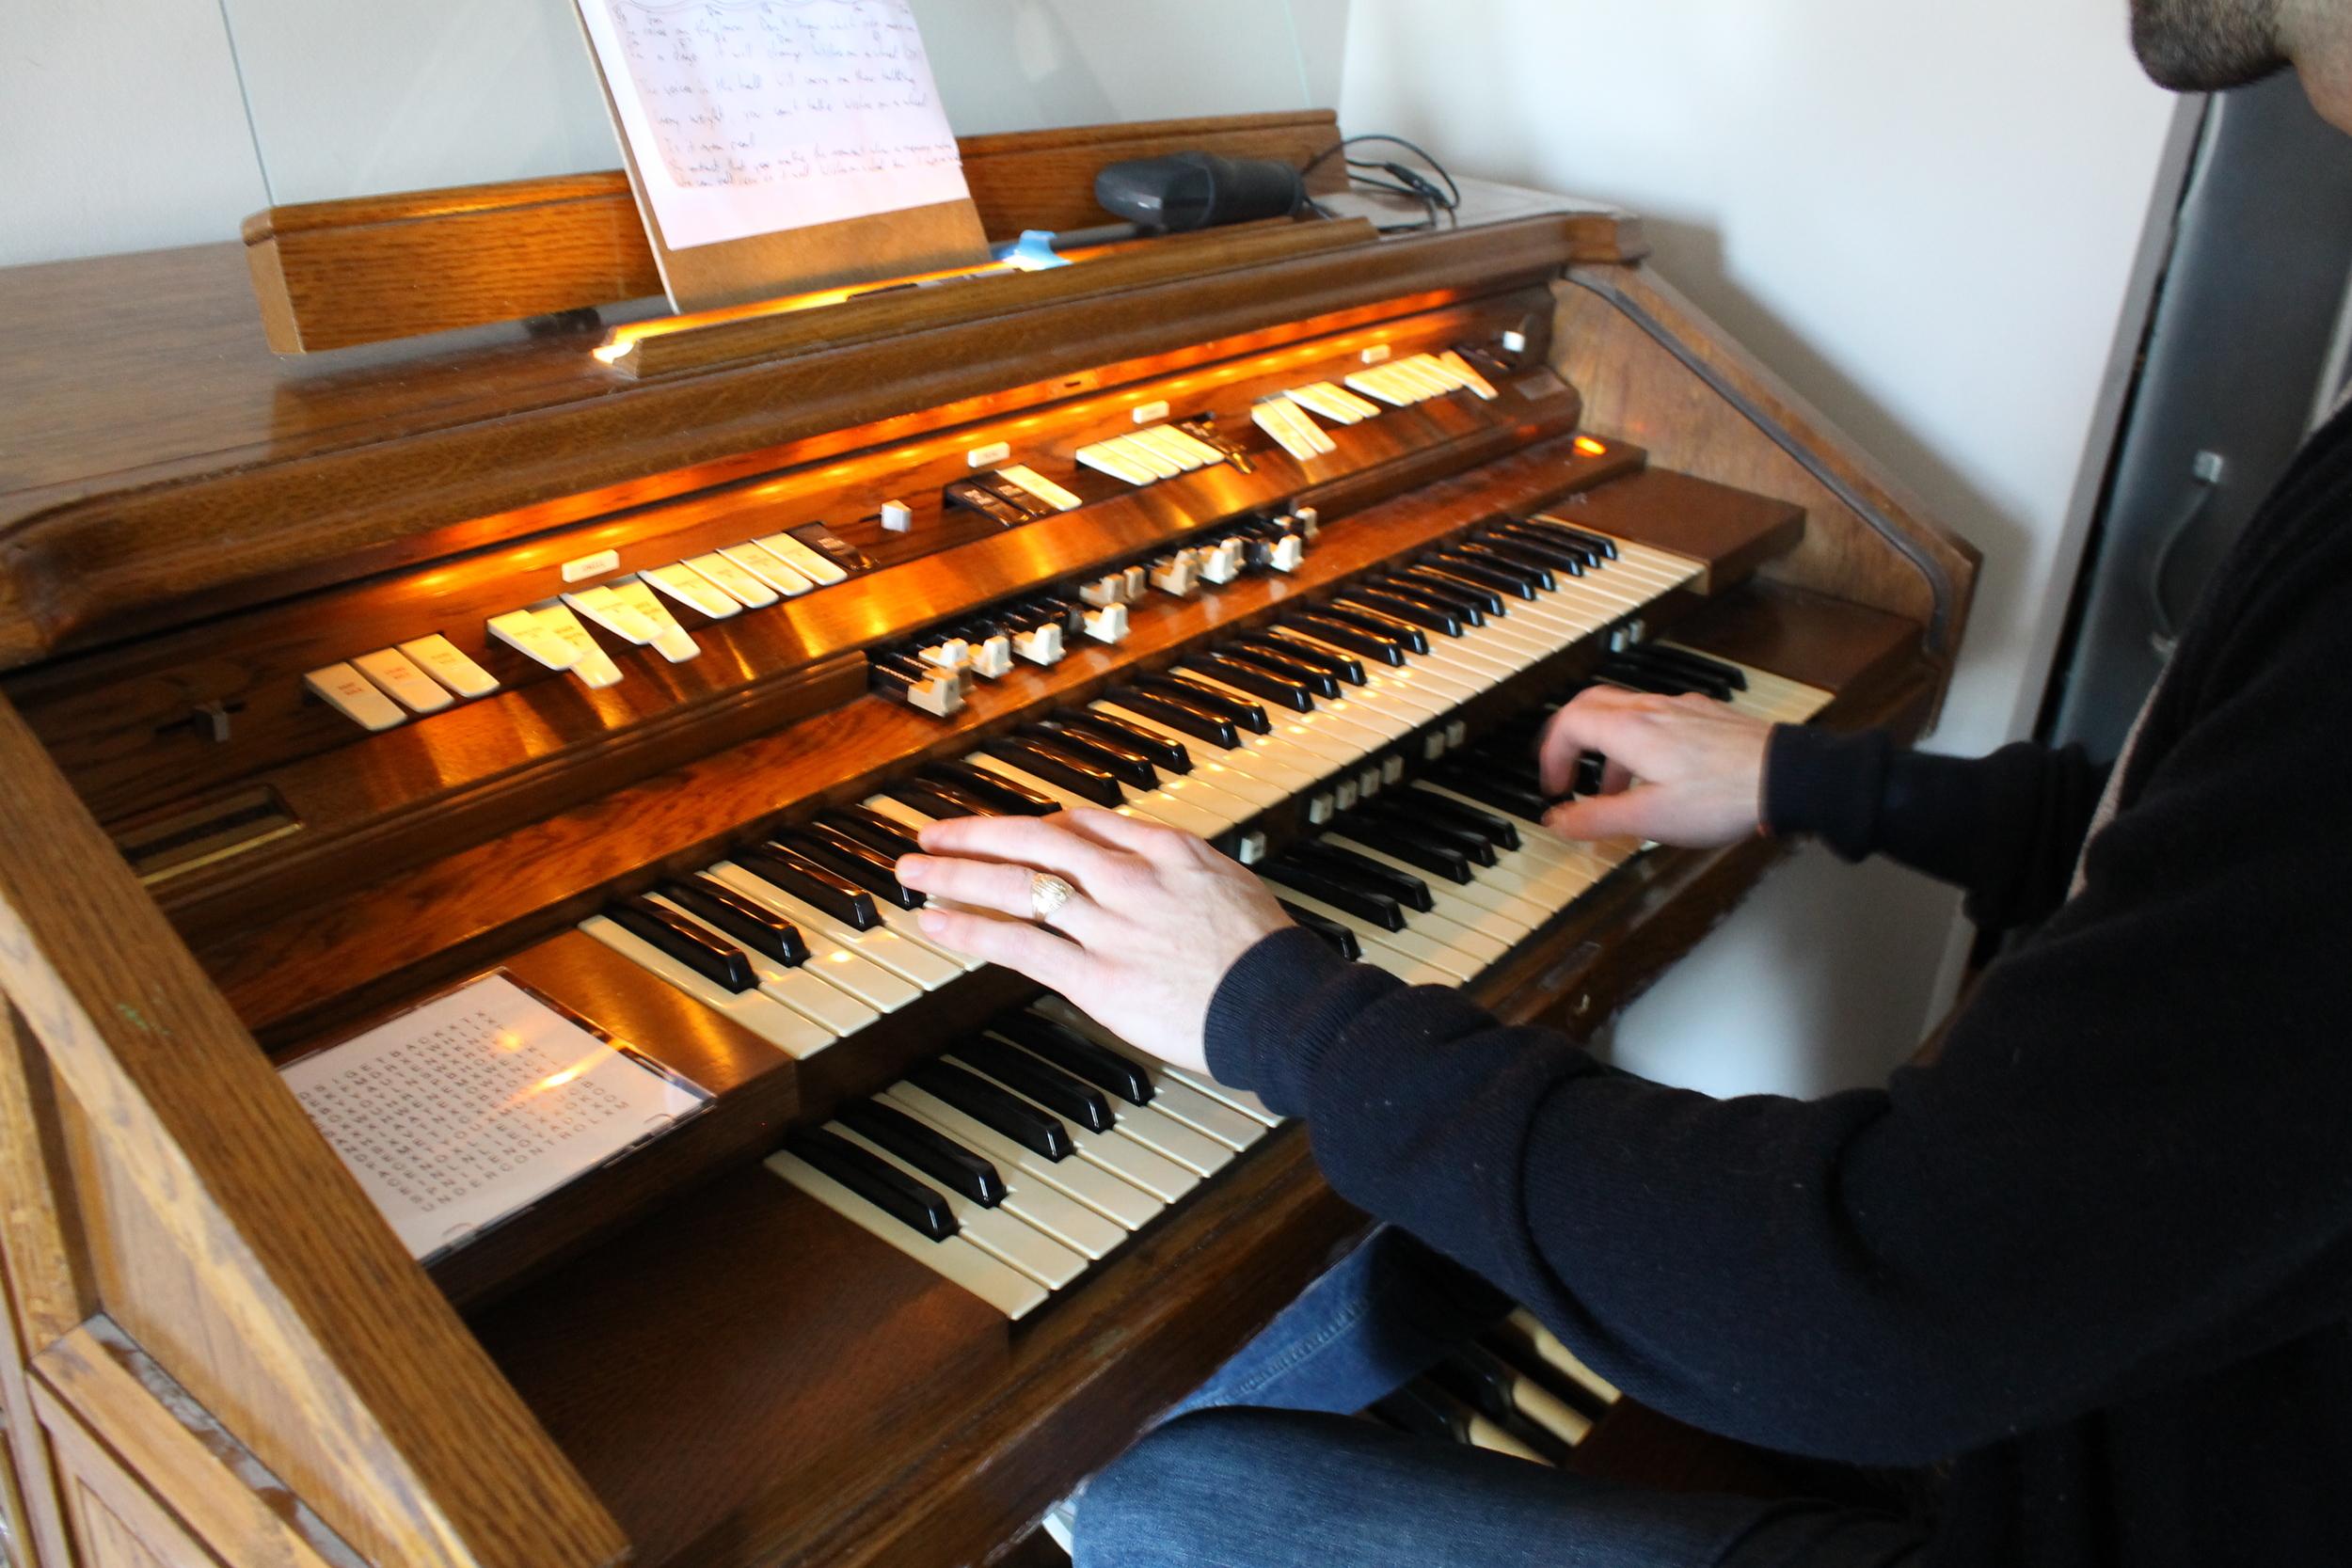 Ben Elkins' organ photo byJakob Lewis